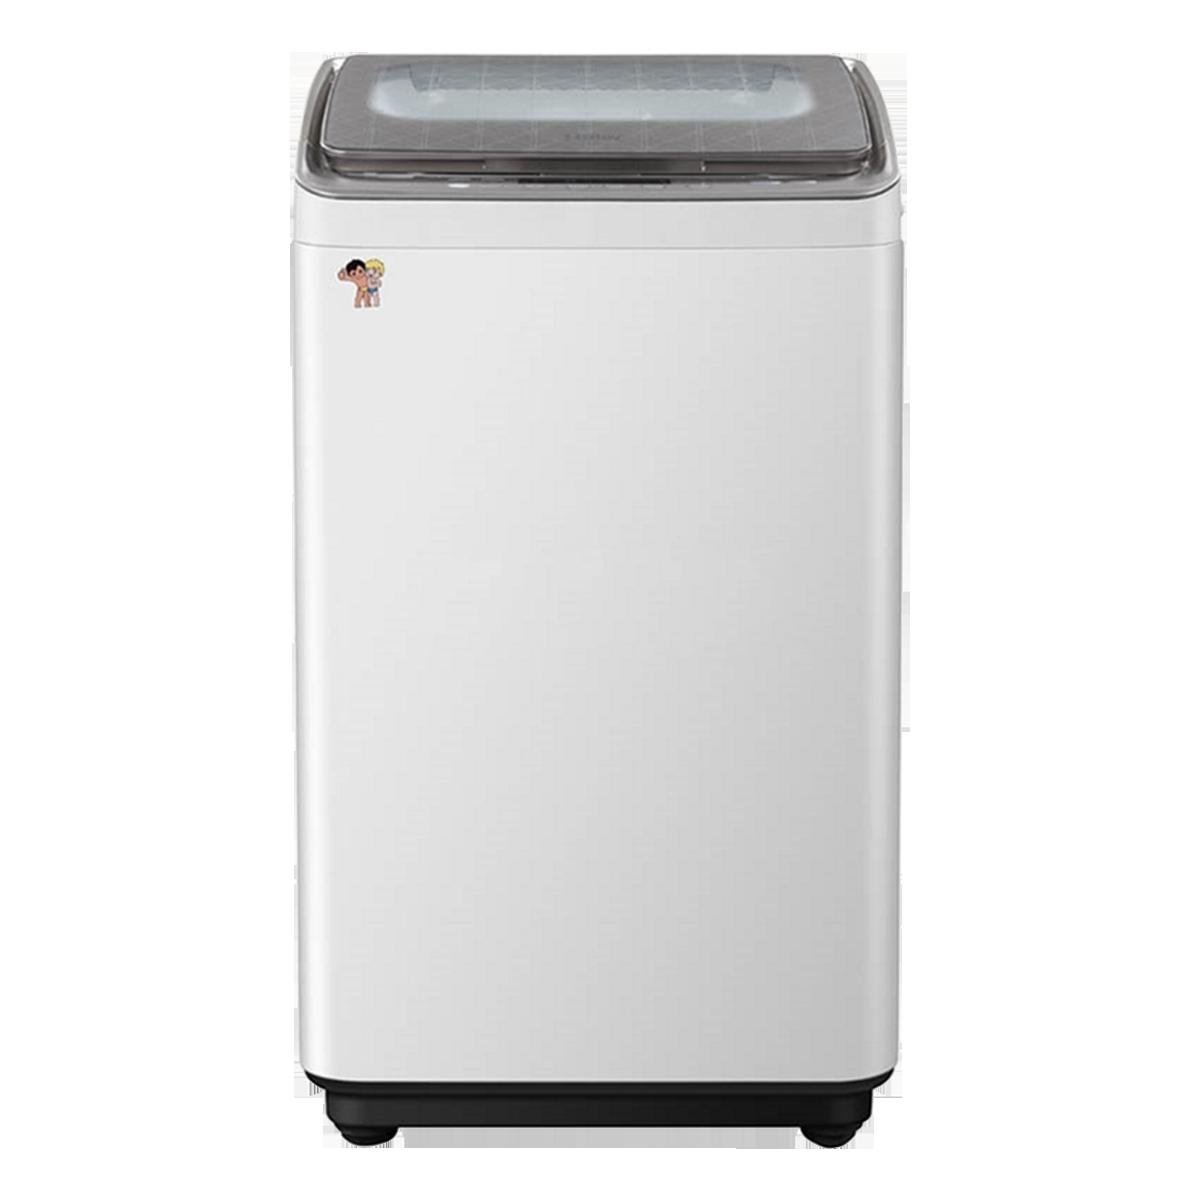 海尔Haier洗衣机 EMBM30268W 说明书